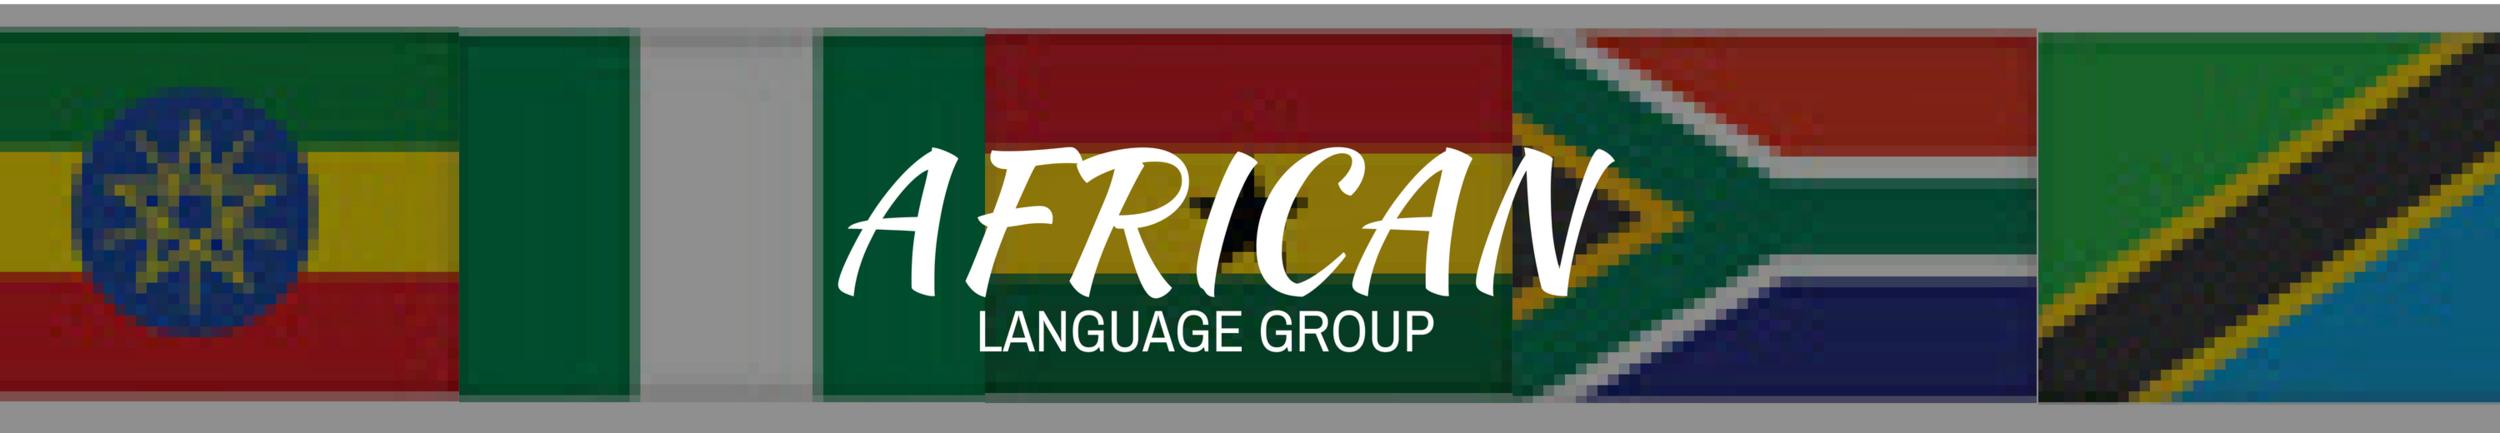 AfricanBanner.png